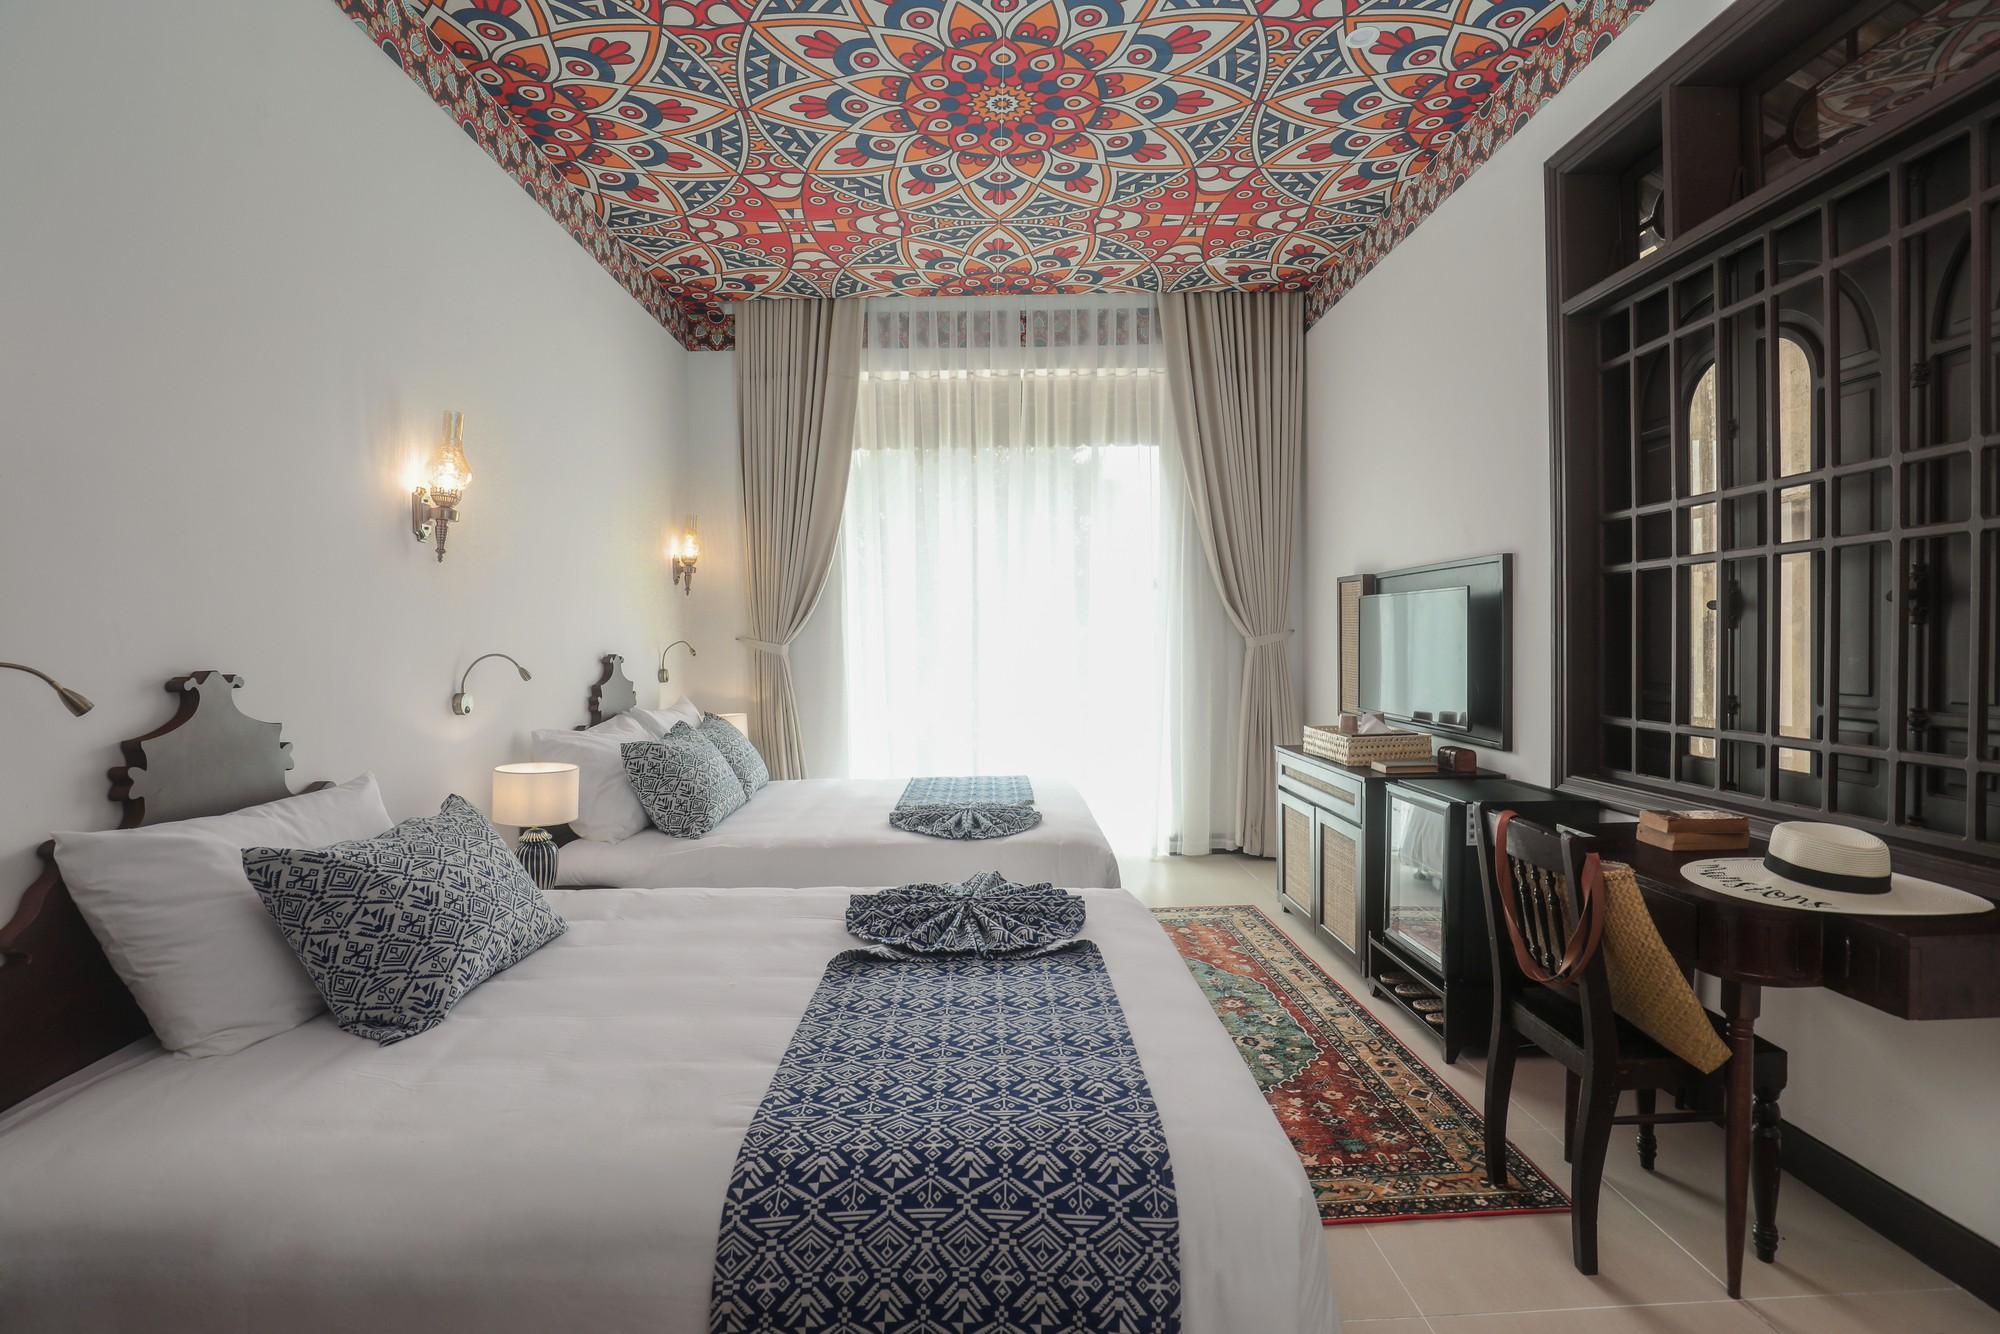 """Ngôi nhà Morocco độc đáo giữa lòng Hội An khiến cư dân mạng háo hức check-in """"một lần trong đời"""" - Ảnh 6."""